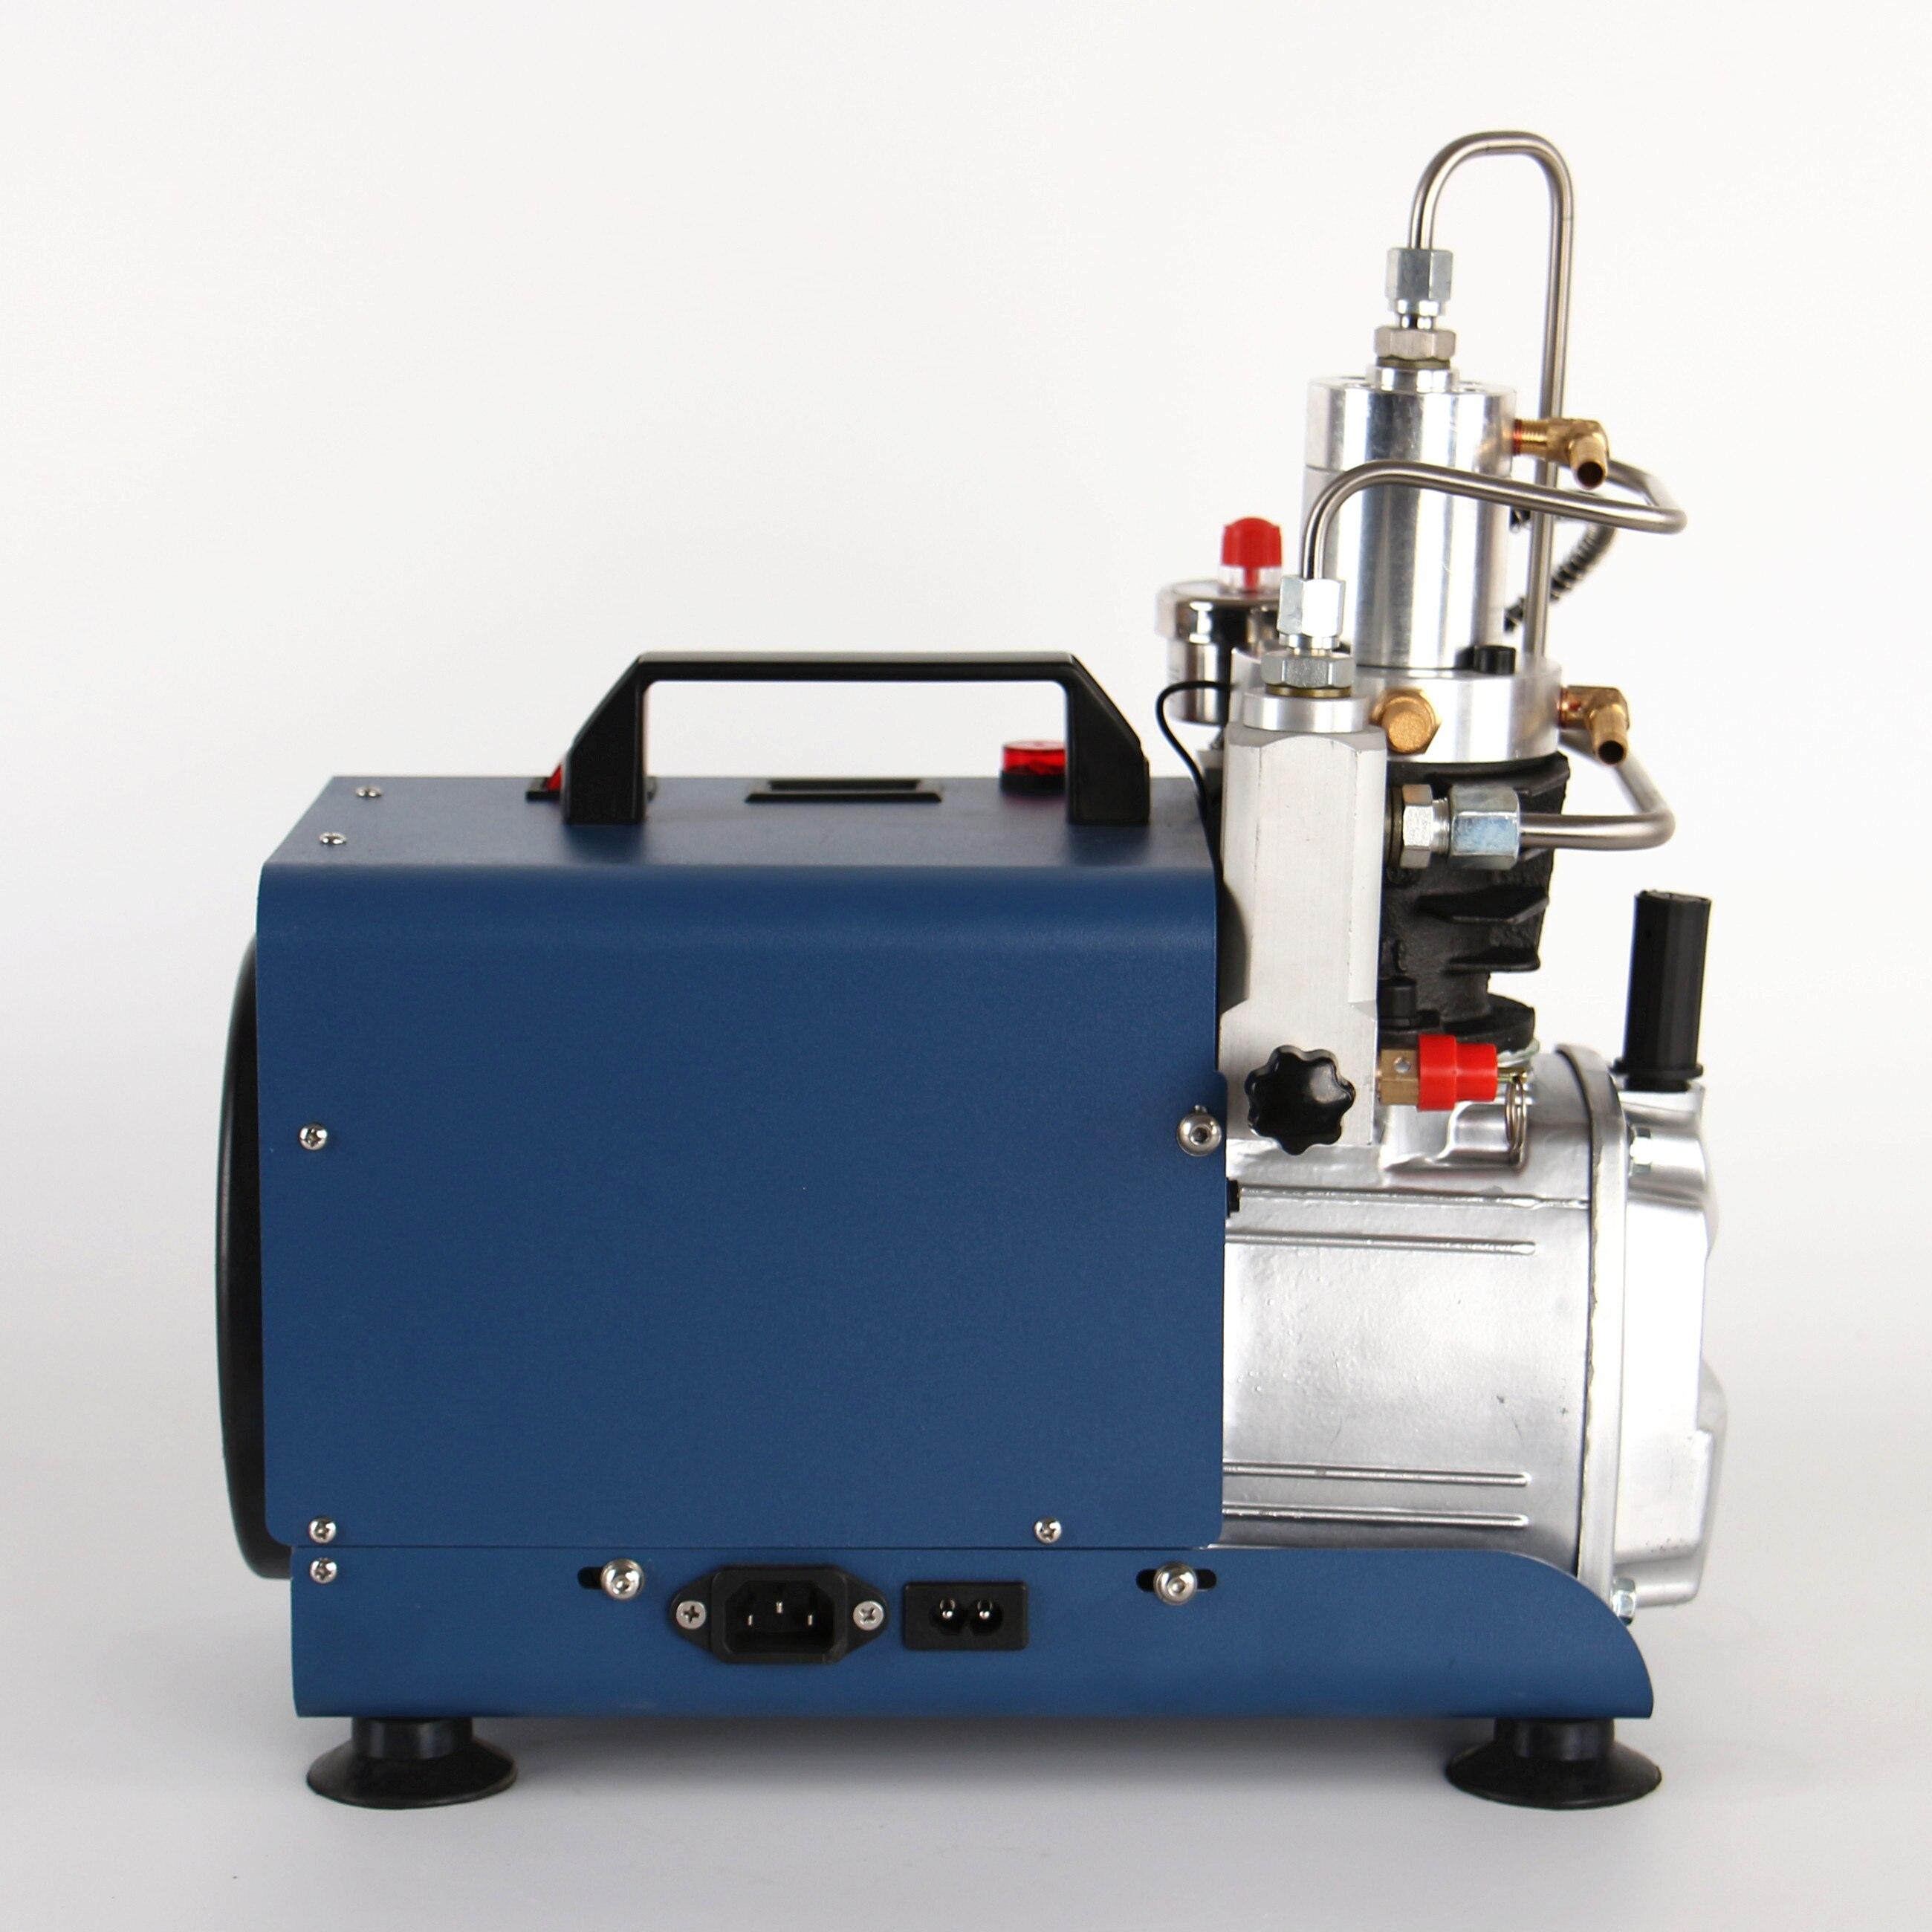 300bar 30mpa 4500psi compressor de ar elétrico de alta pressão da bomba ar para pneumático carabina scuba rifle pcp inflator 220v 110v - 6